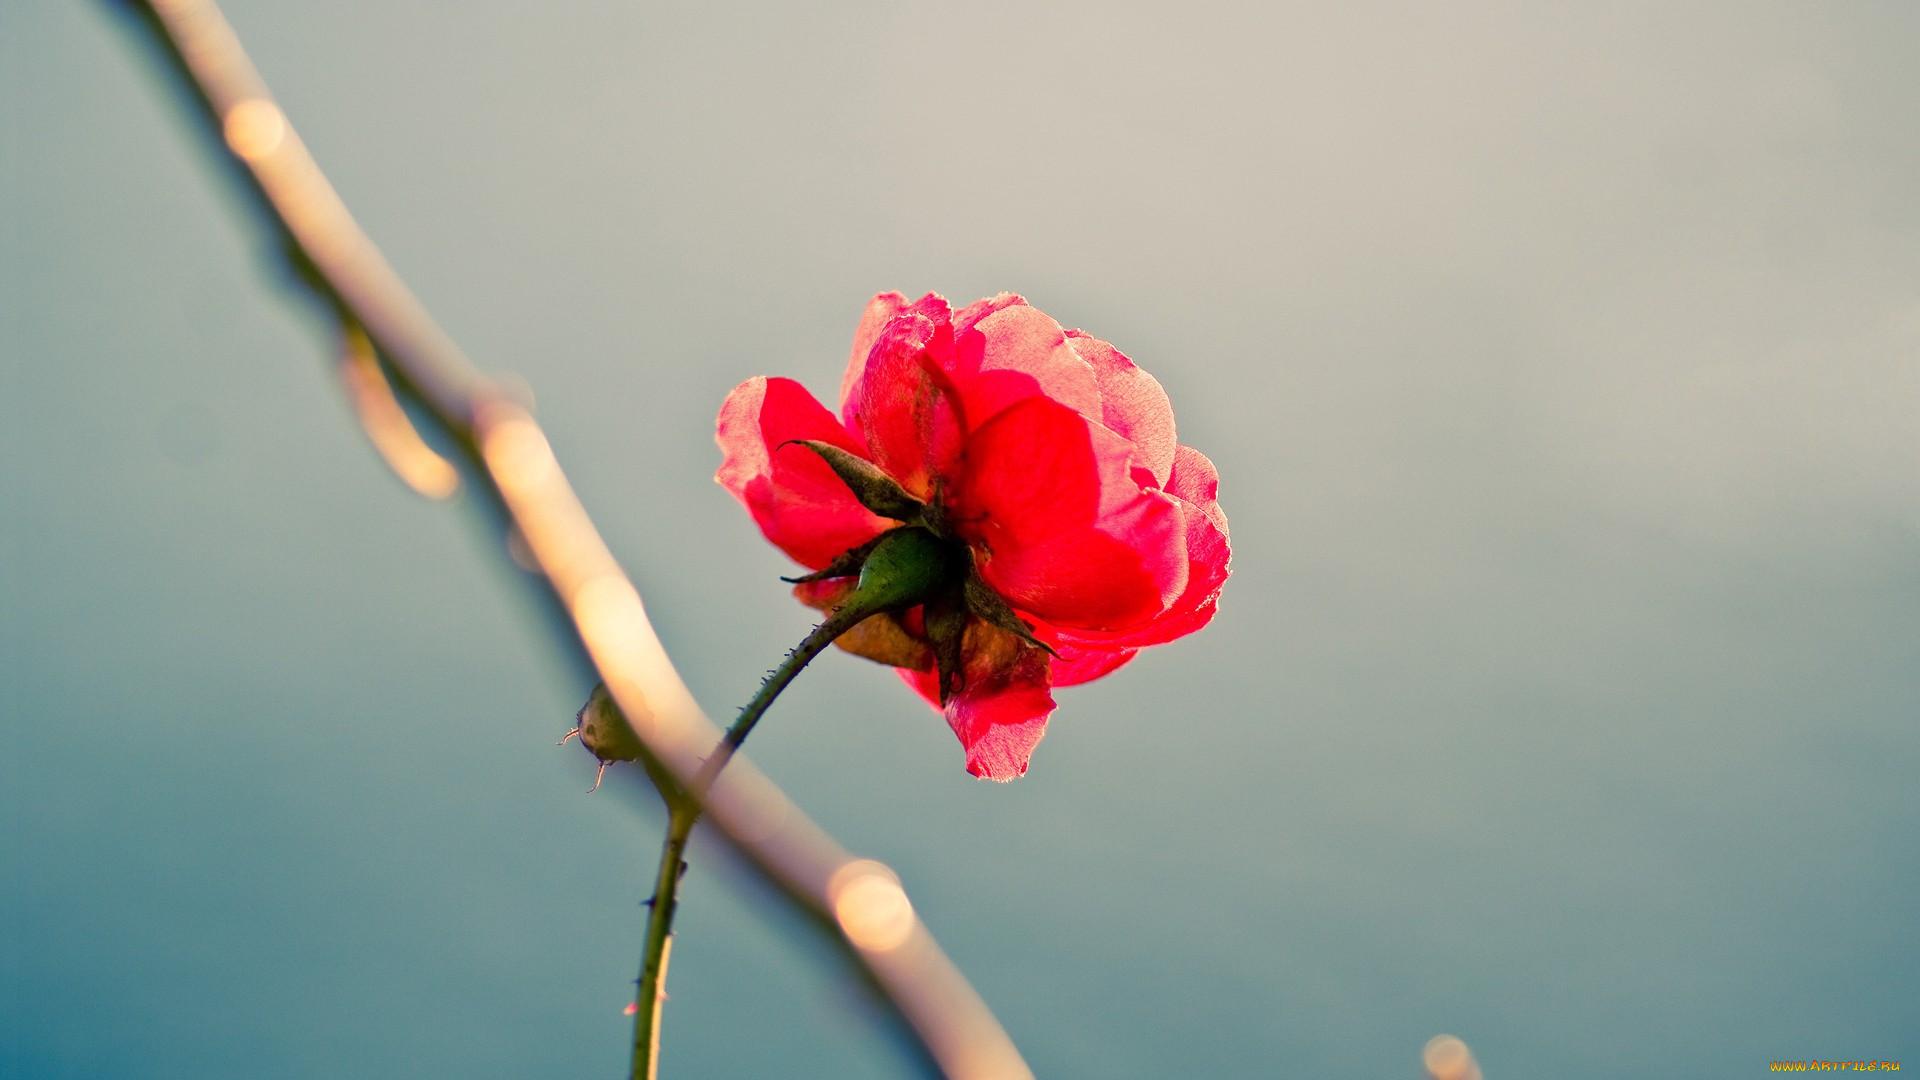 Фотография красивого одинокого цветка удостоверение выдается